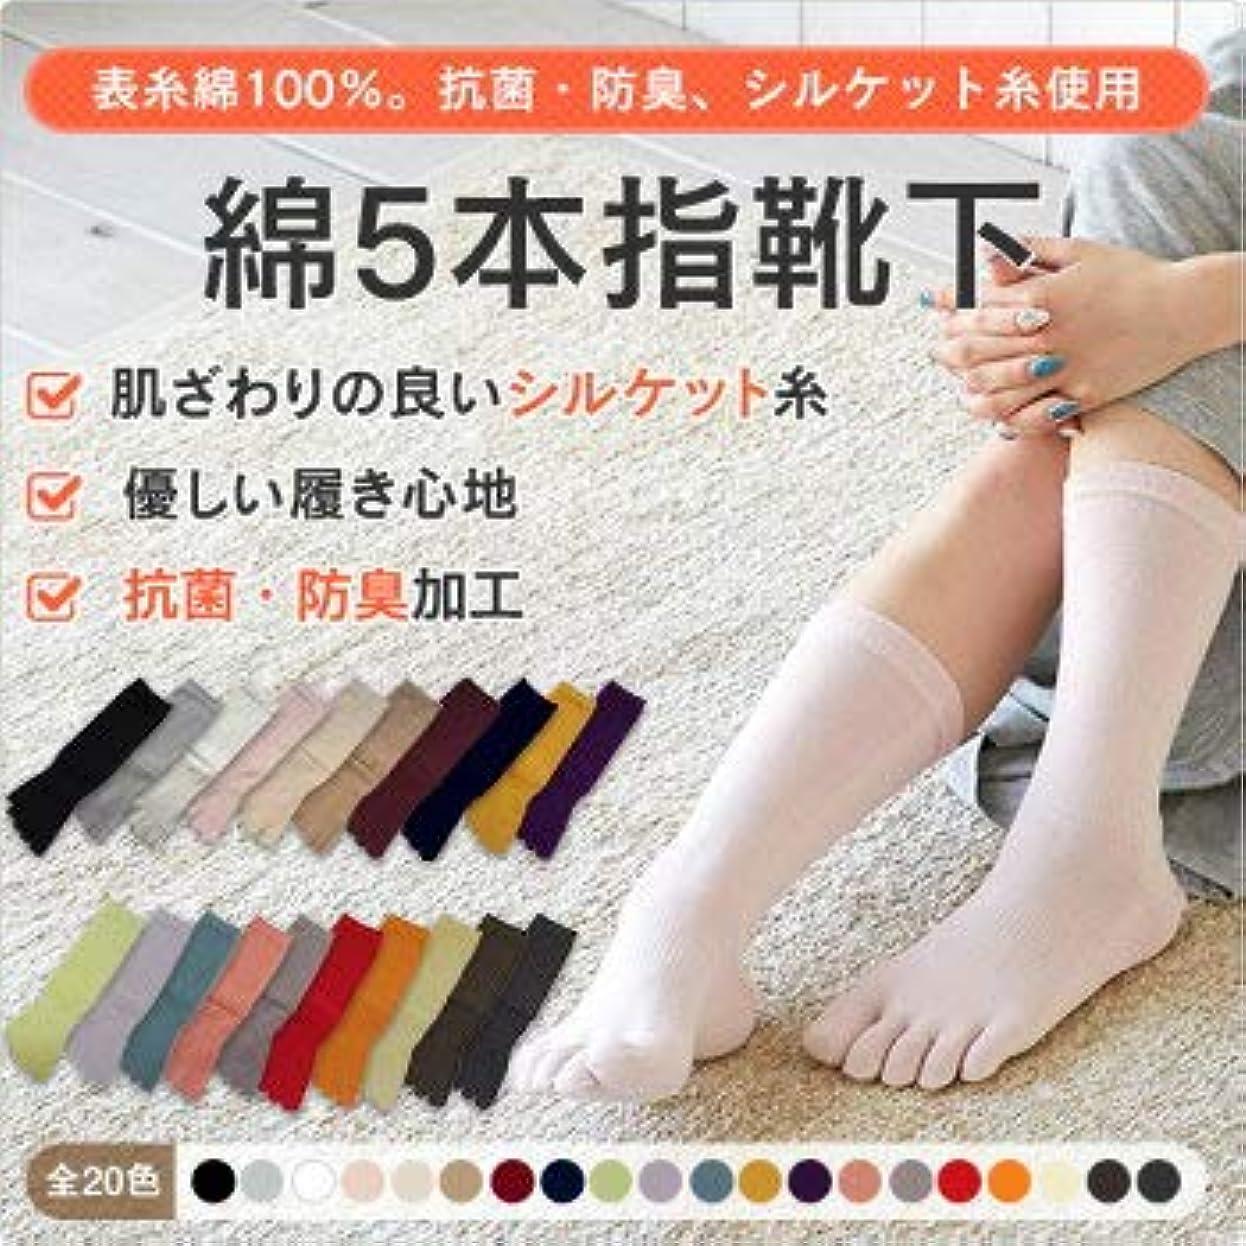 フェード鮫興奮する選べる5色 女性用 5本指 ソックス 抗菌防臭 加工 綿100%糸使用 5色組 老舗 靴下 メーカーのこだわり 23-25cm 太陽ニット 3205P